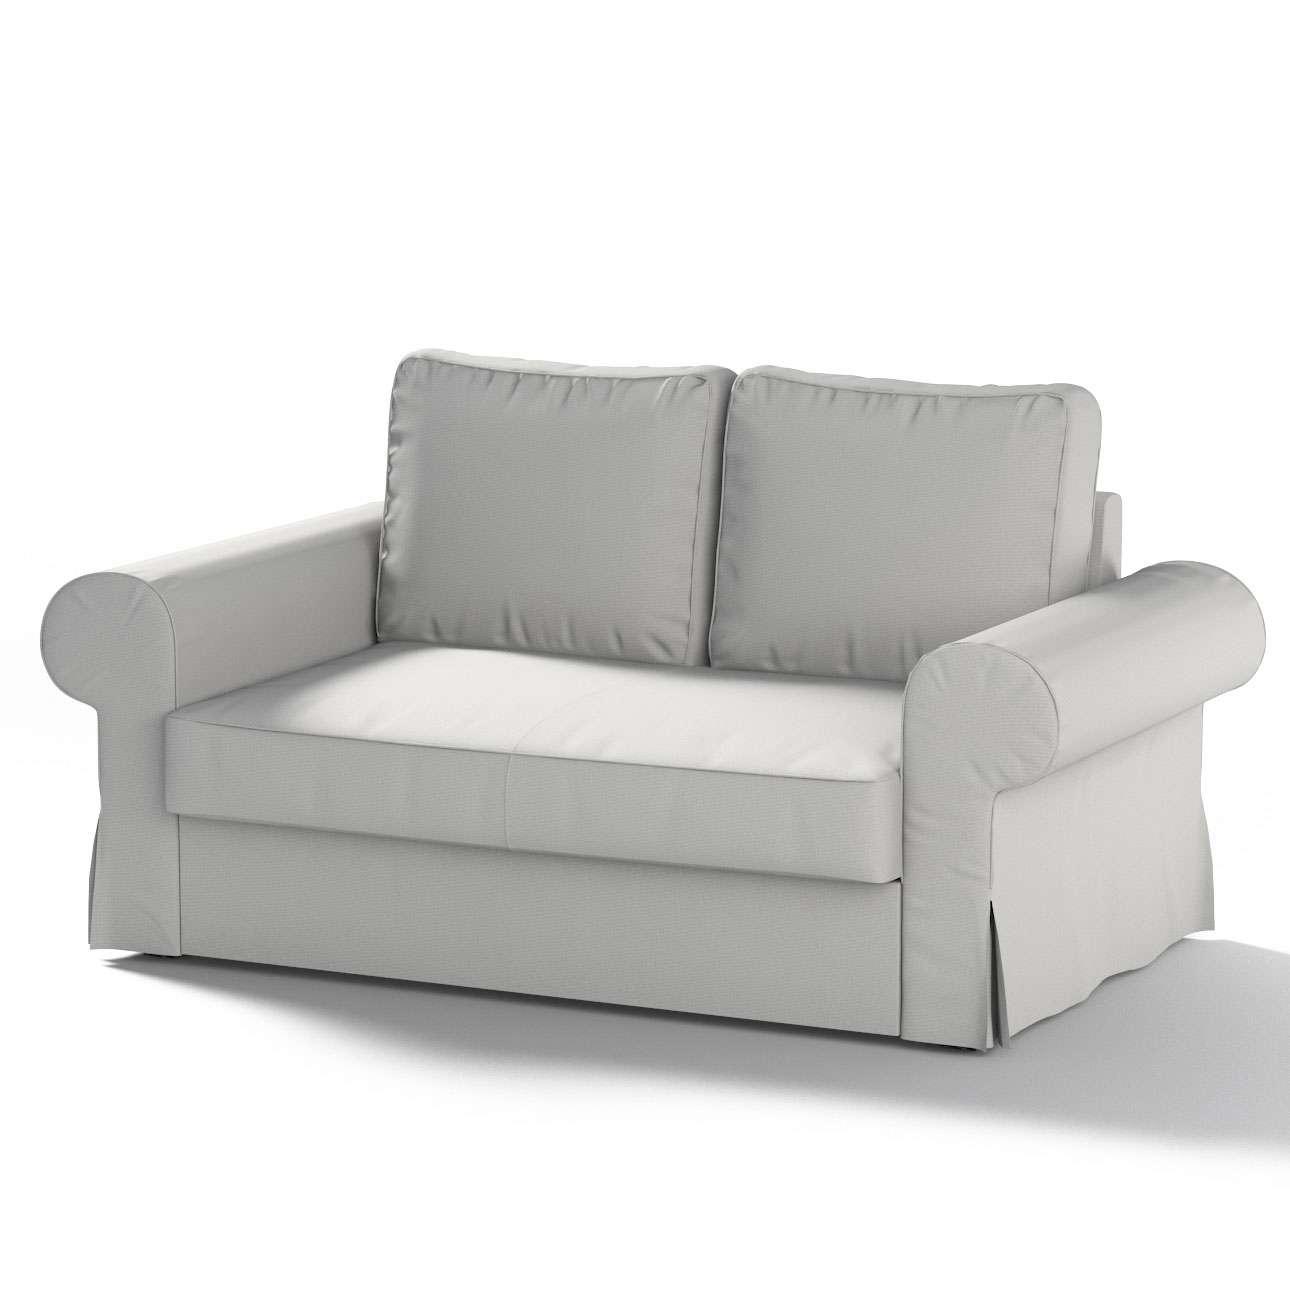 Pokrowiec na sofę Backabro 2-osobową rozkładaną w kolekcji Etna, tkanina: 705-90